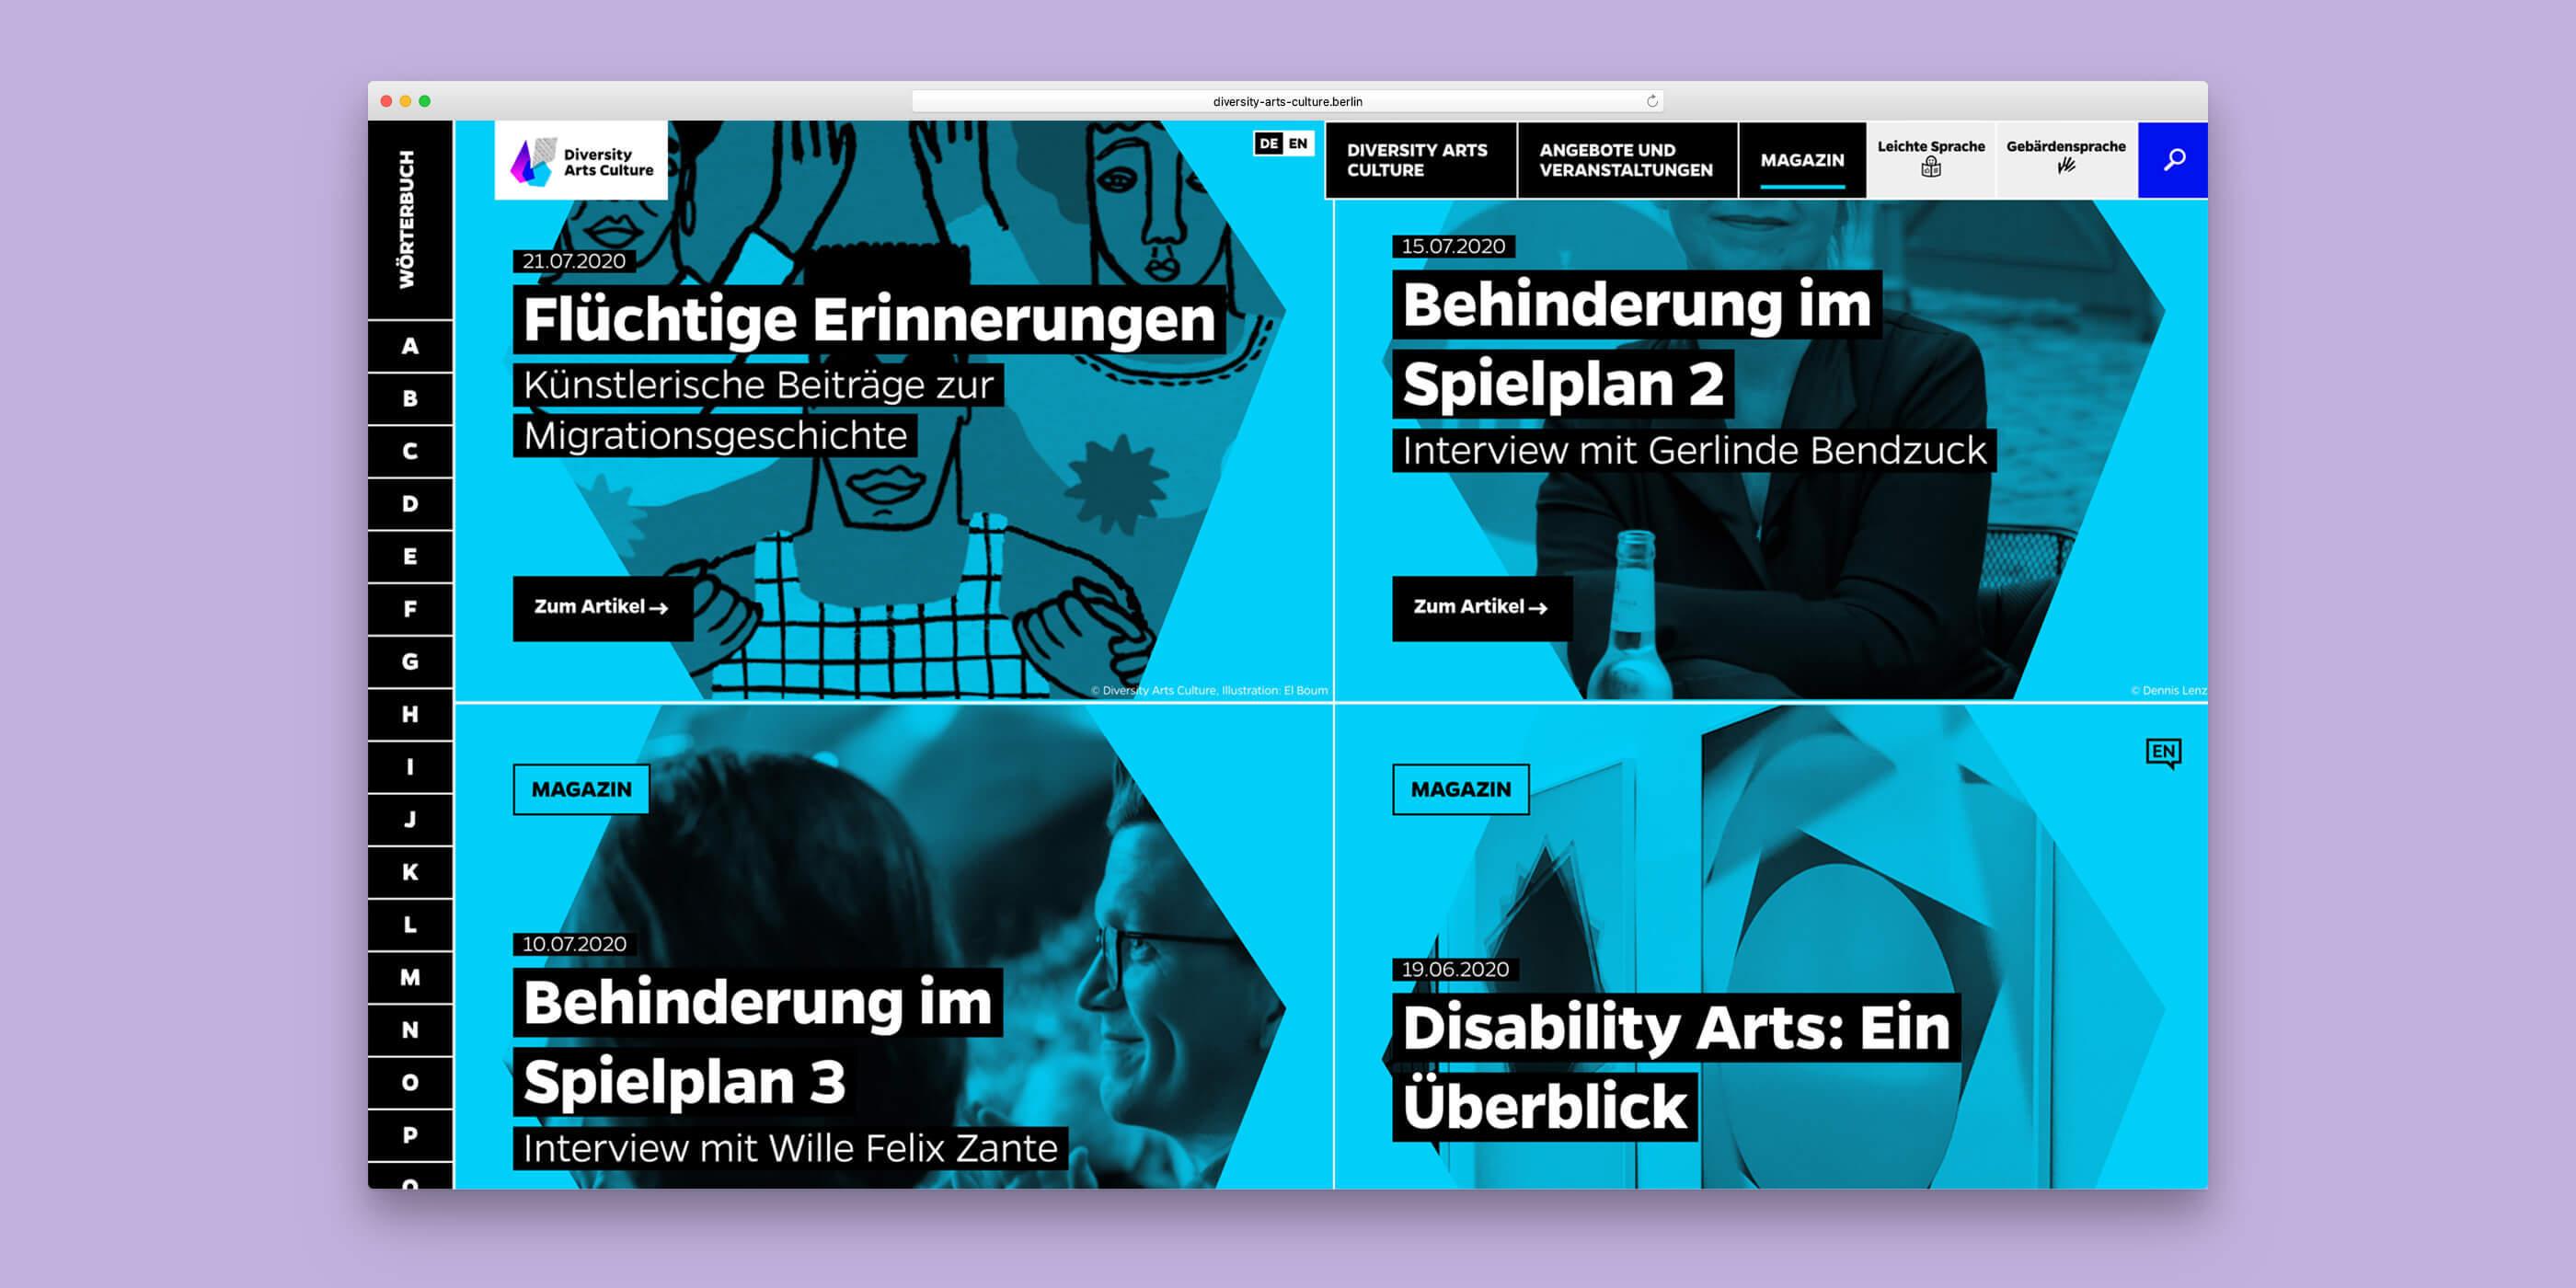 Übersicht der Projekte im Magazin von Diversity Arts Culture